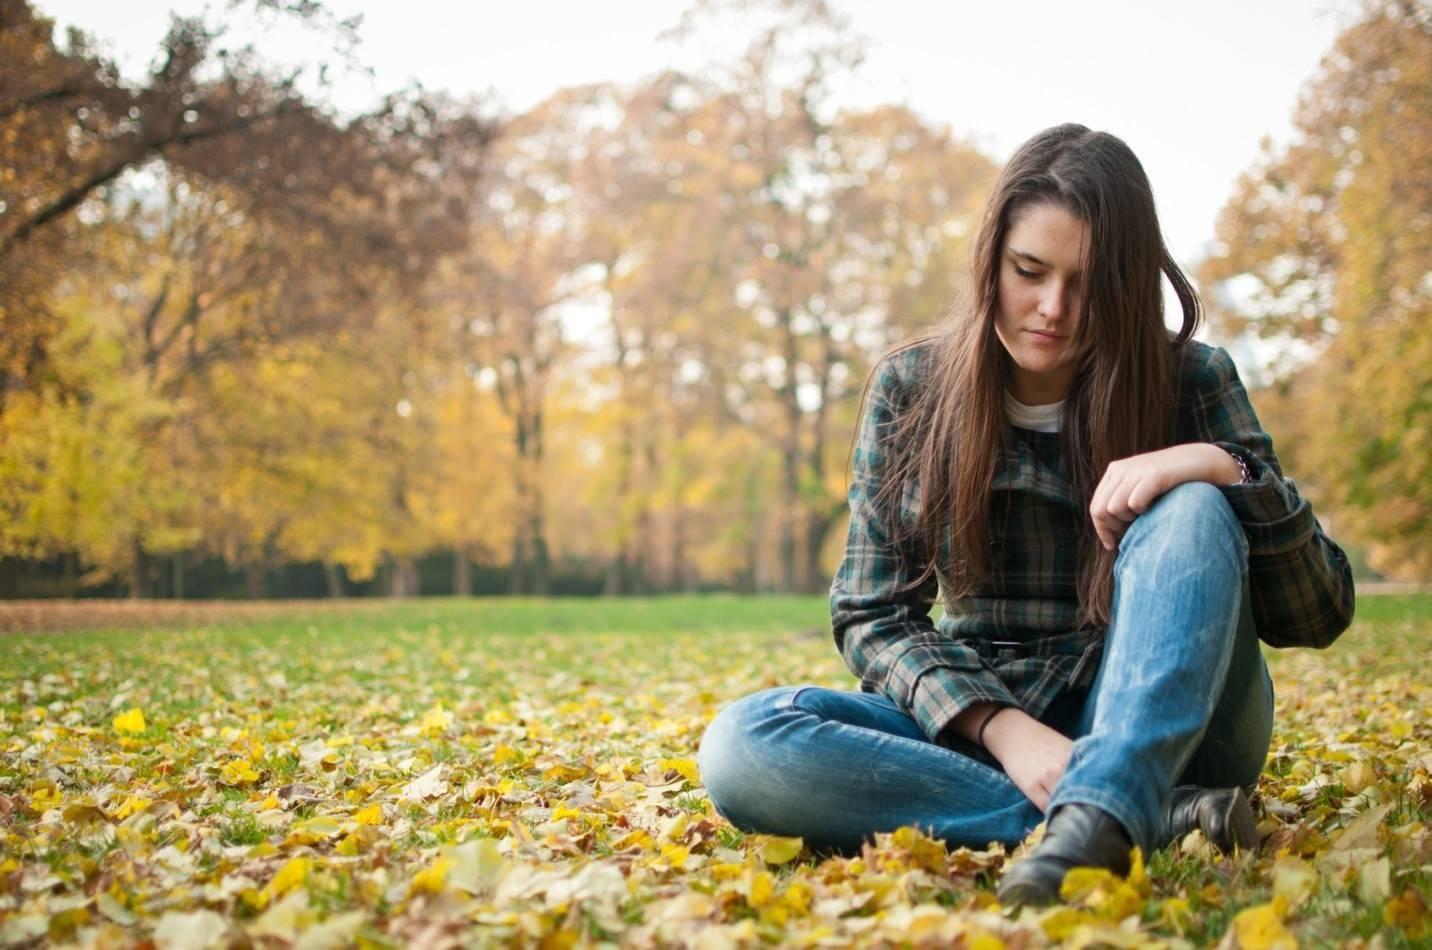 Действенные способы борьбы с весенней депрессией